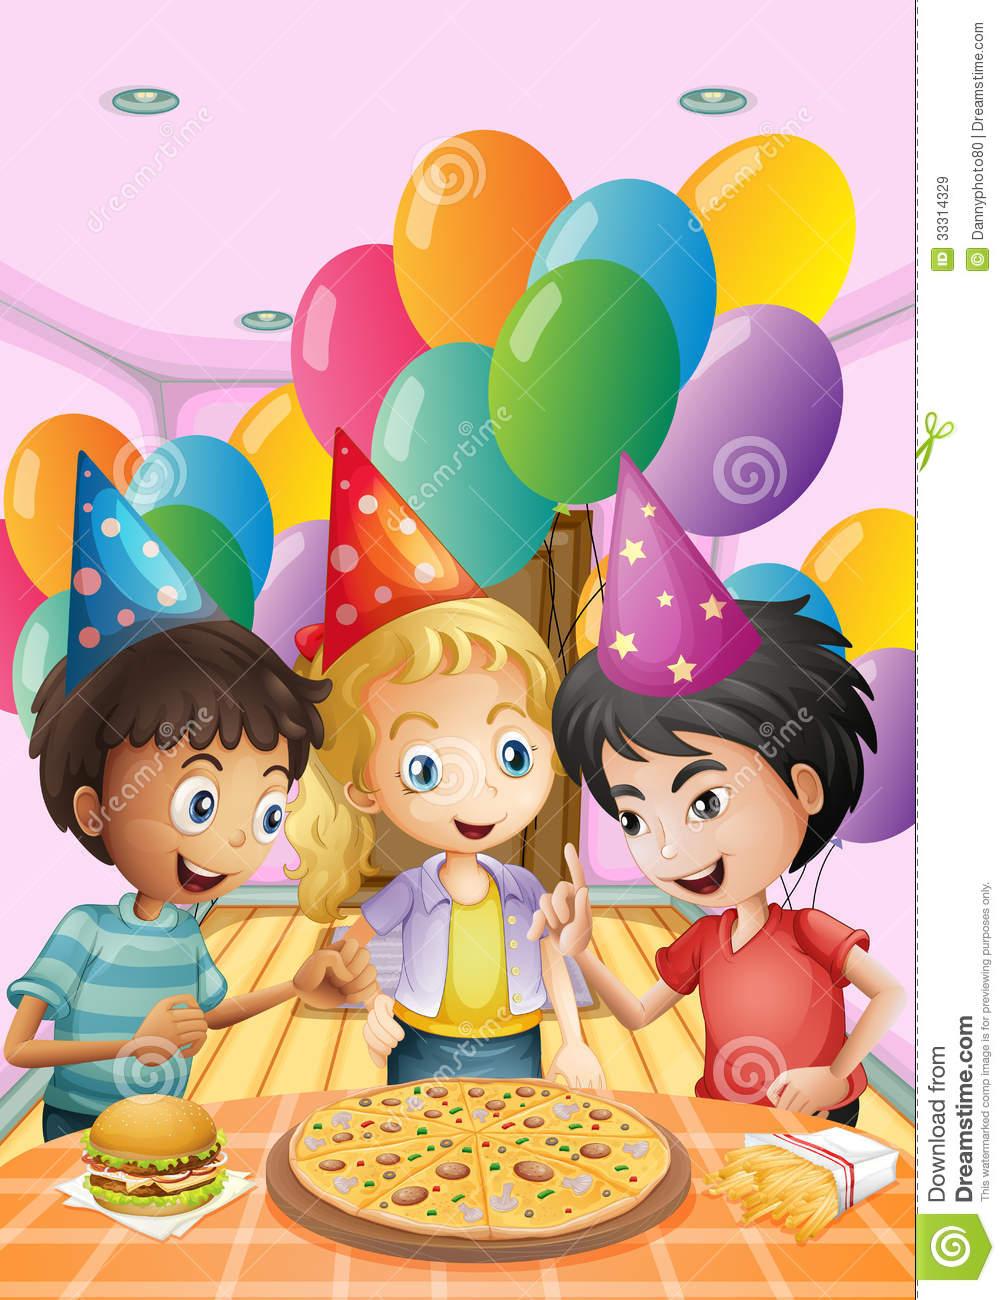 Geburtstag feiern clipart clipart freeuse download Kinder, Die Einen Geburtstag Mit Einer Pizza, Einem Burger Und ... clipart freeuse download